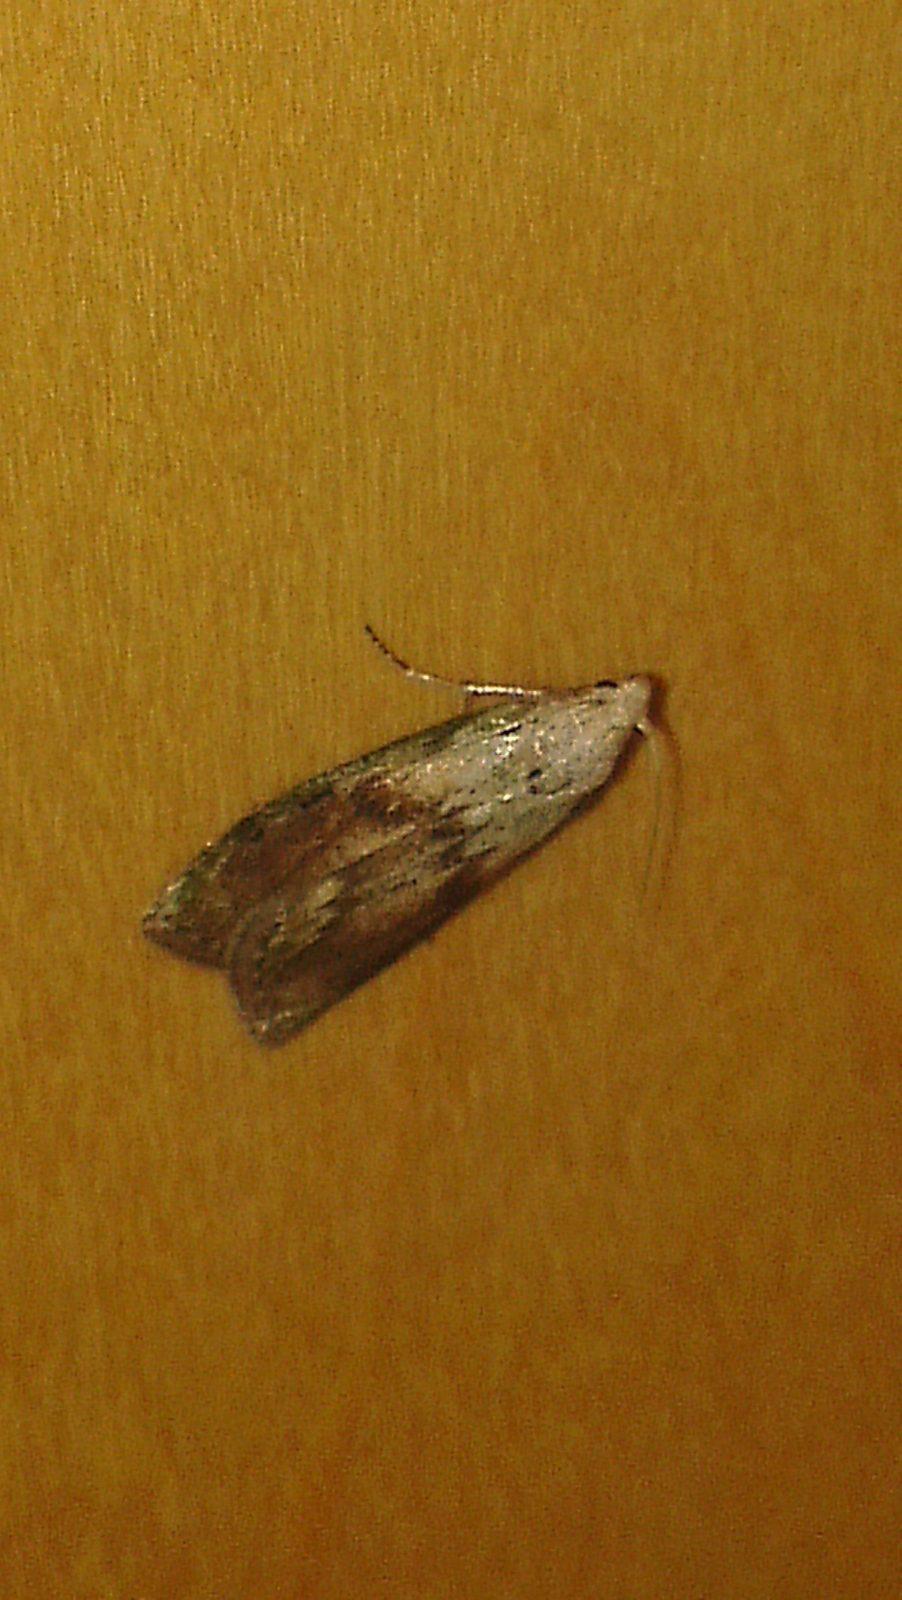 Elegant Zeitgena¶Ssisch Motten Im Wohnzimmer Kleine Woher Fliegen von Motten Maden An Der Decke Photo